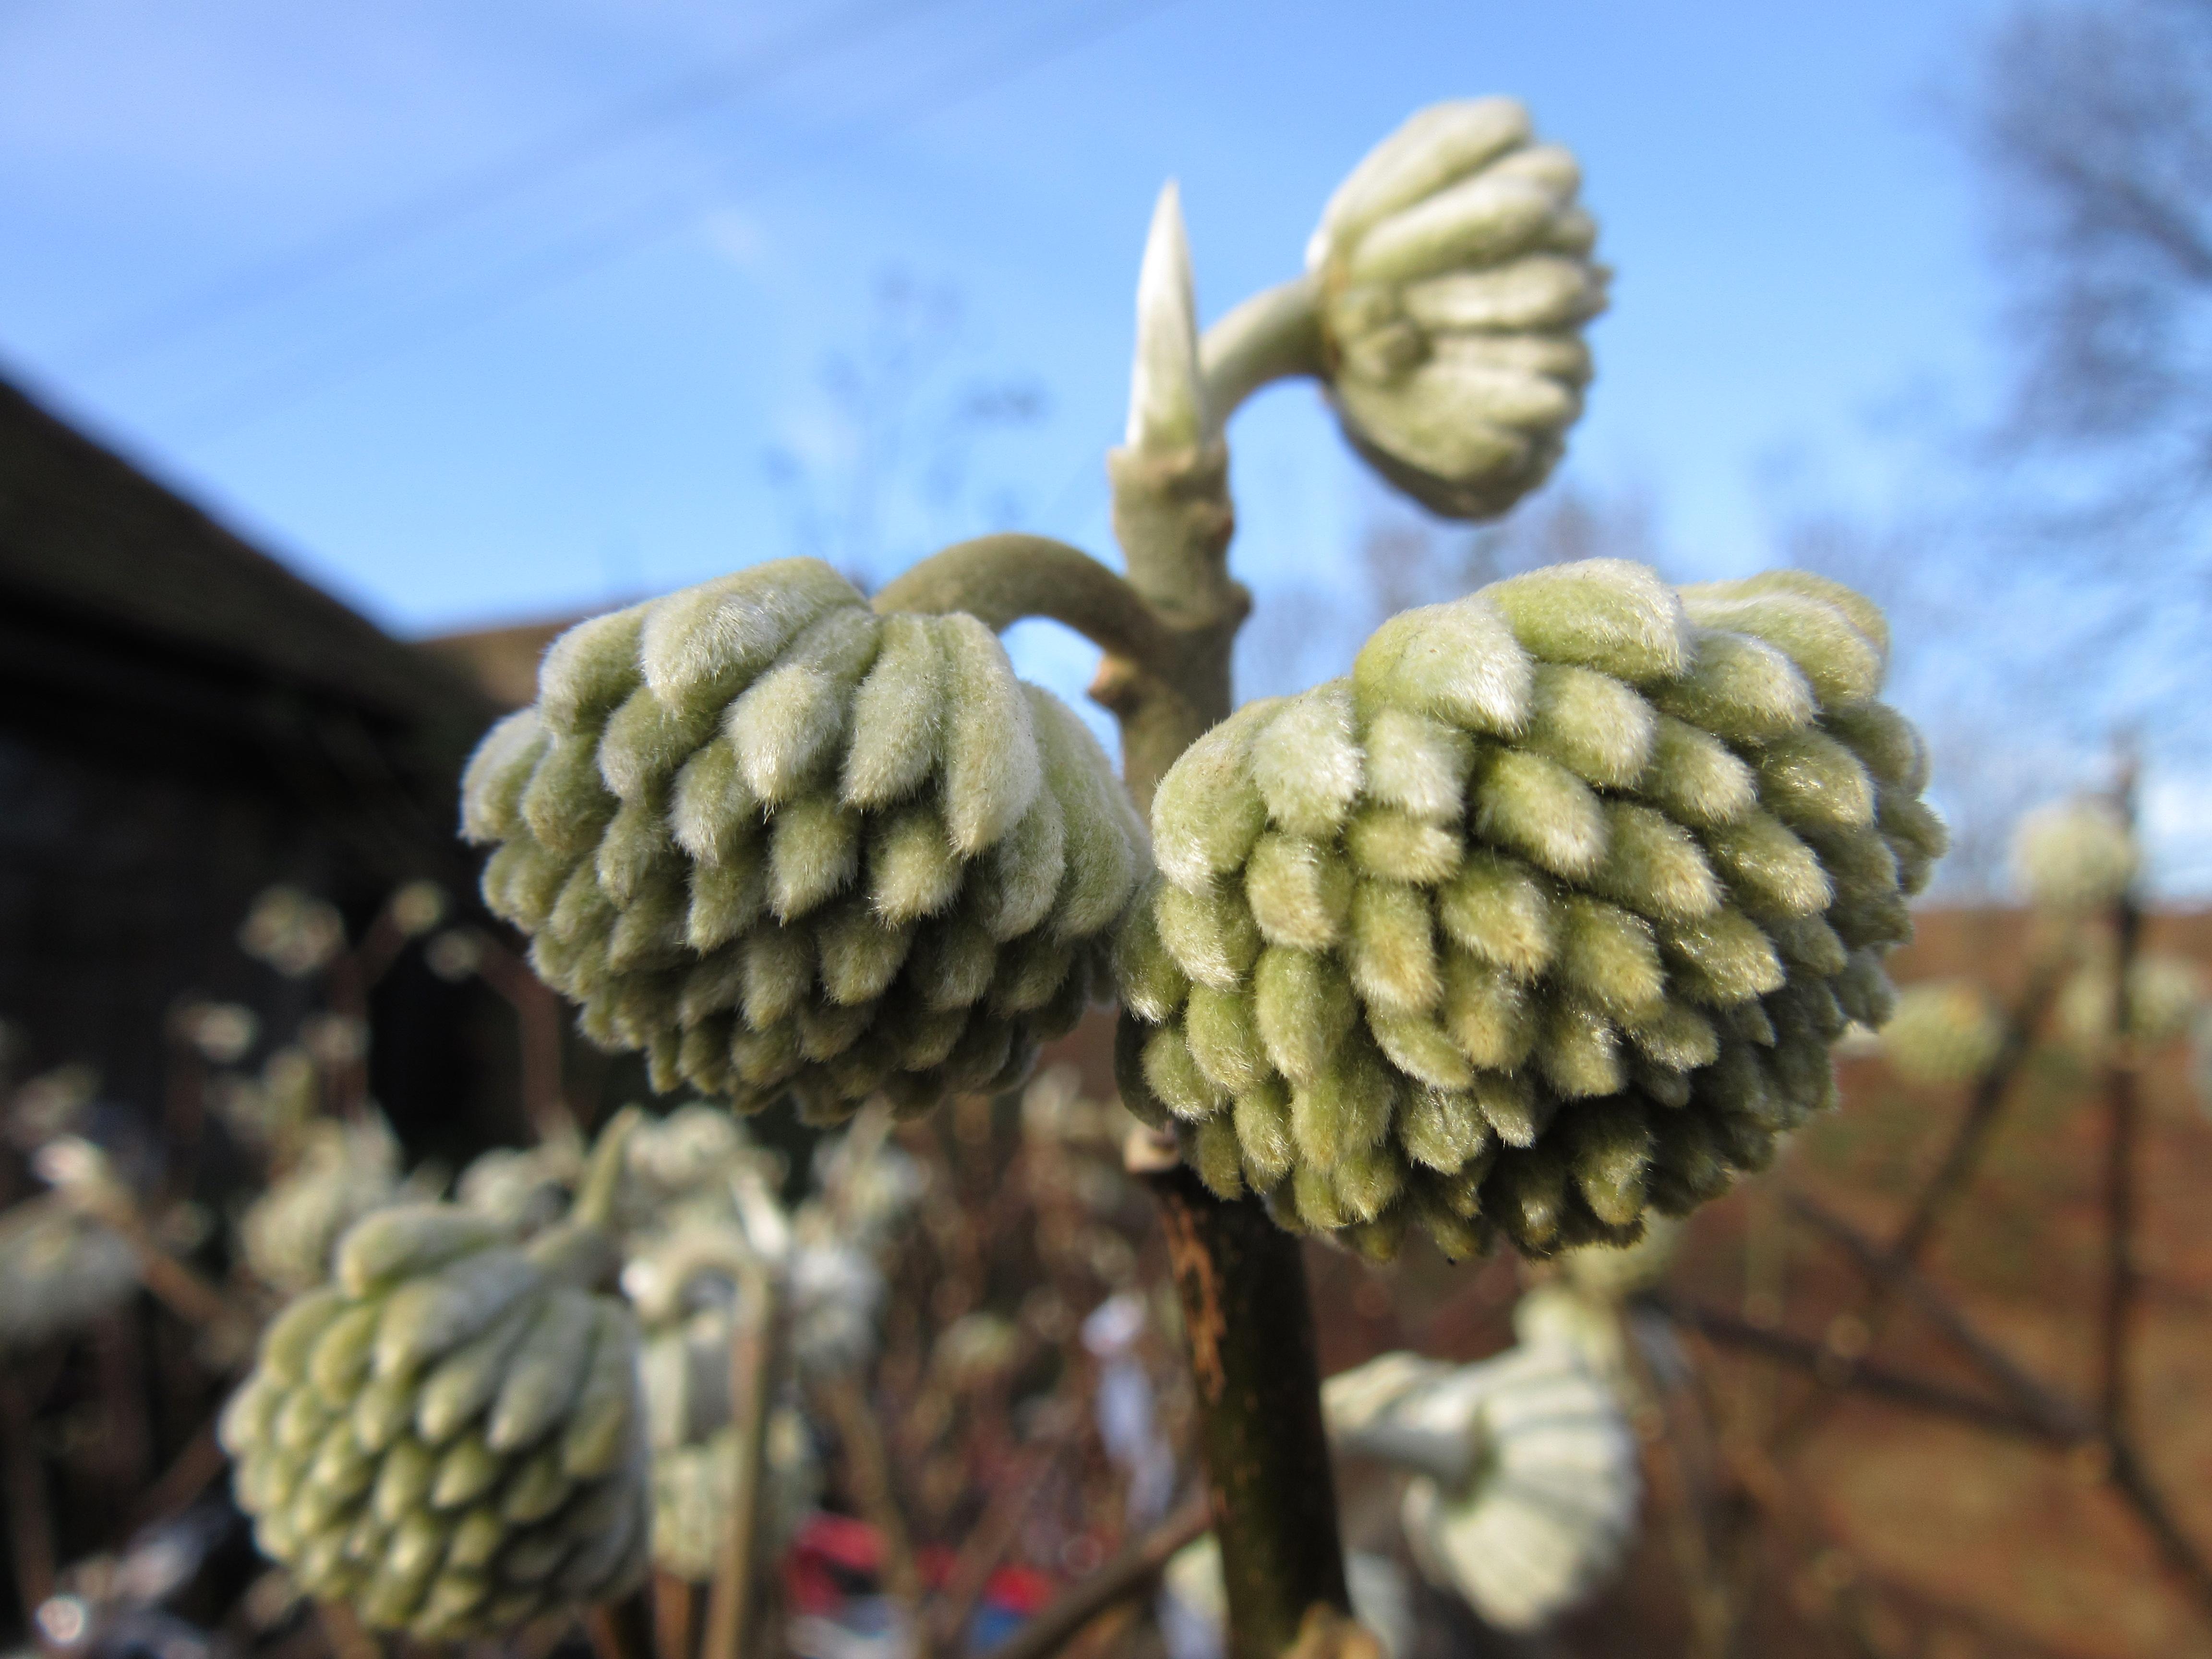 Daphne odora aureomarginata edgeworthia chrysantha for Edgeworthia chrysantha